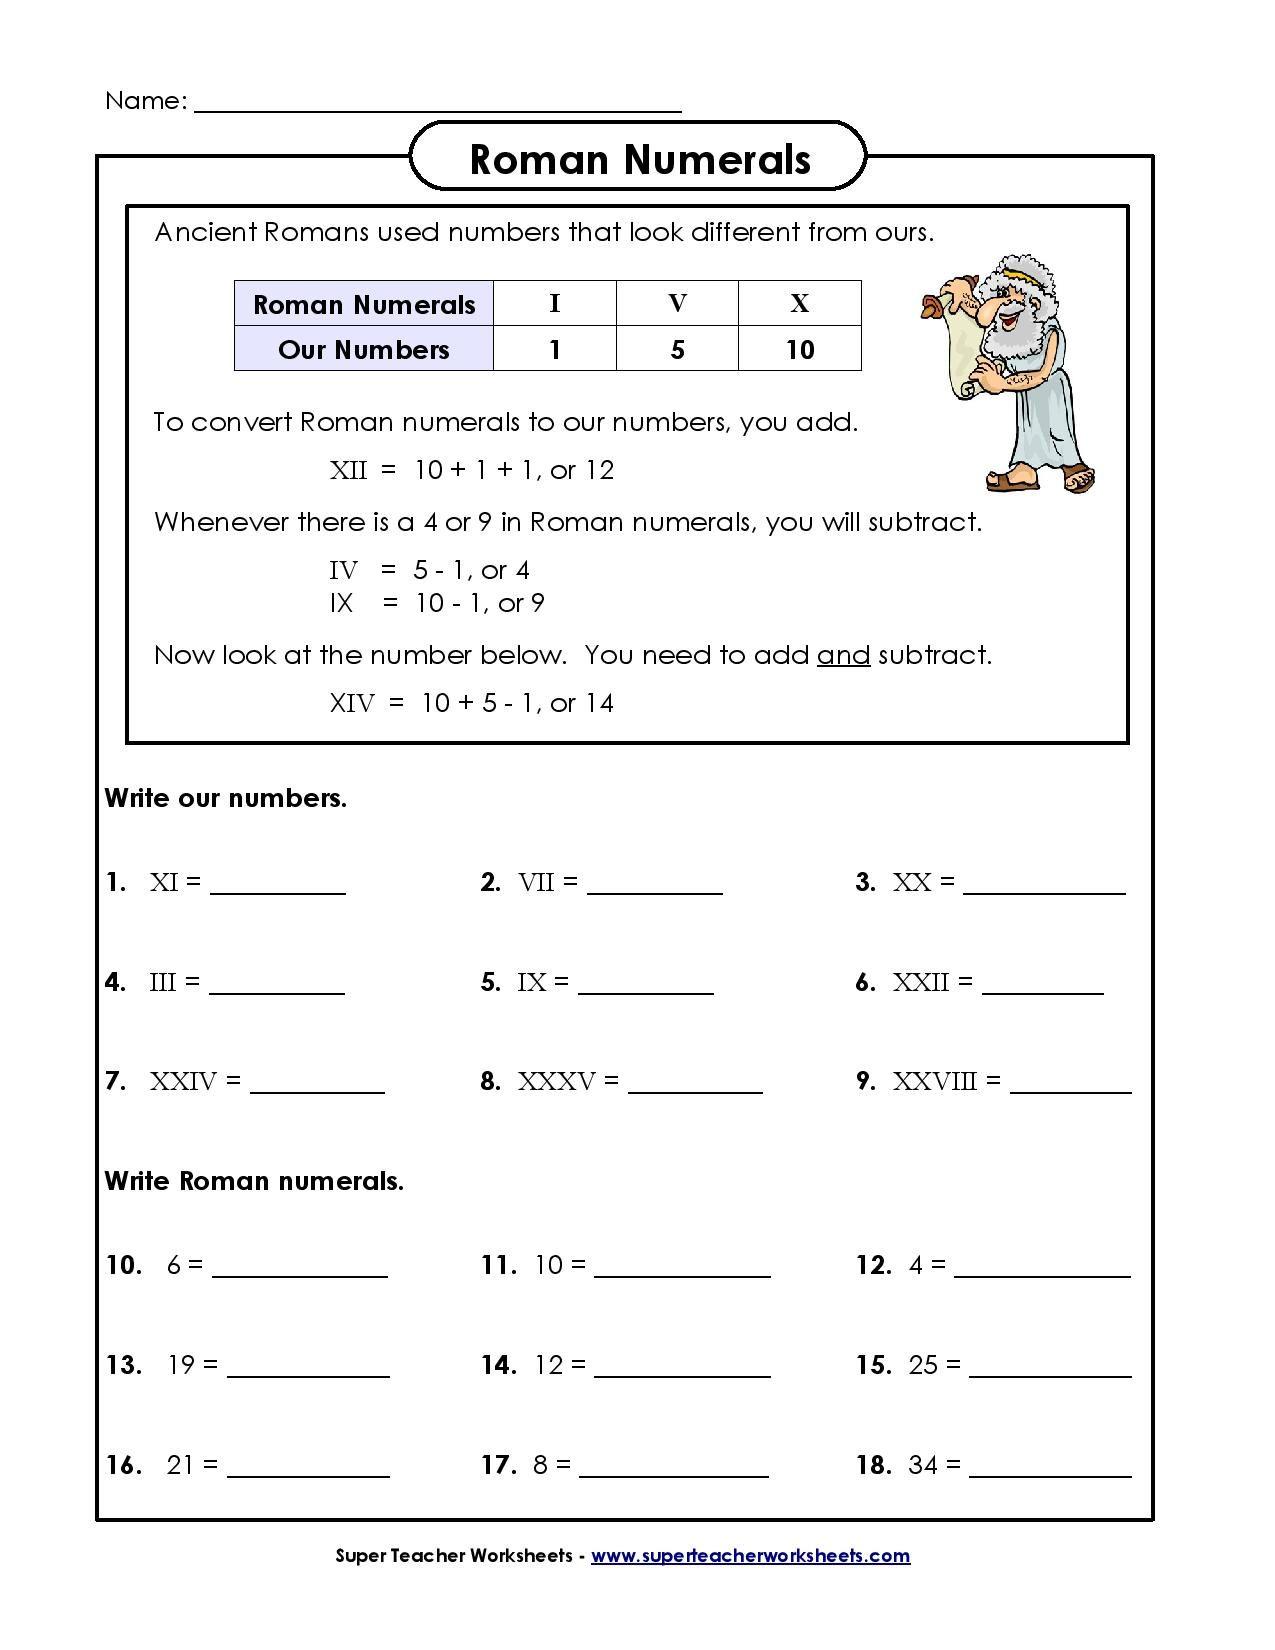 ✓ Best 4th Grade Math Worksheet - You Calendars  https://www.youcalendars.com/4th-grade-math-worksheet.…   4th grade math  worksheets [ 1650 x 1275 Pixel ]